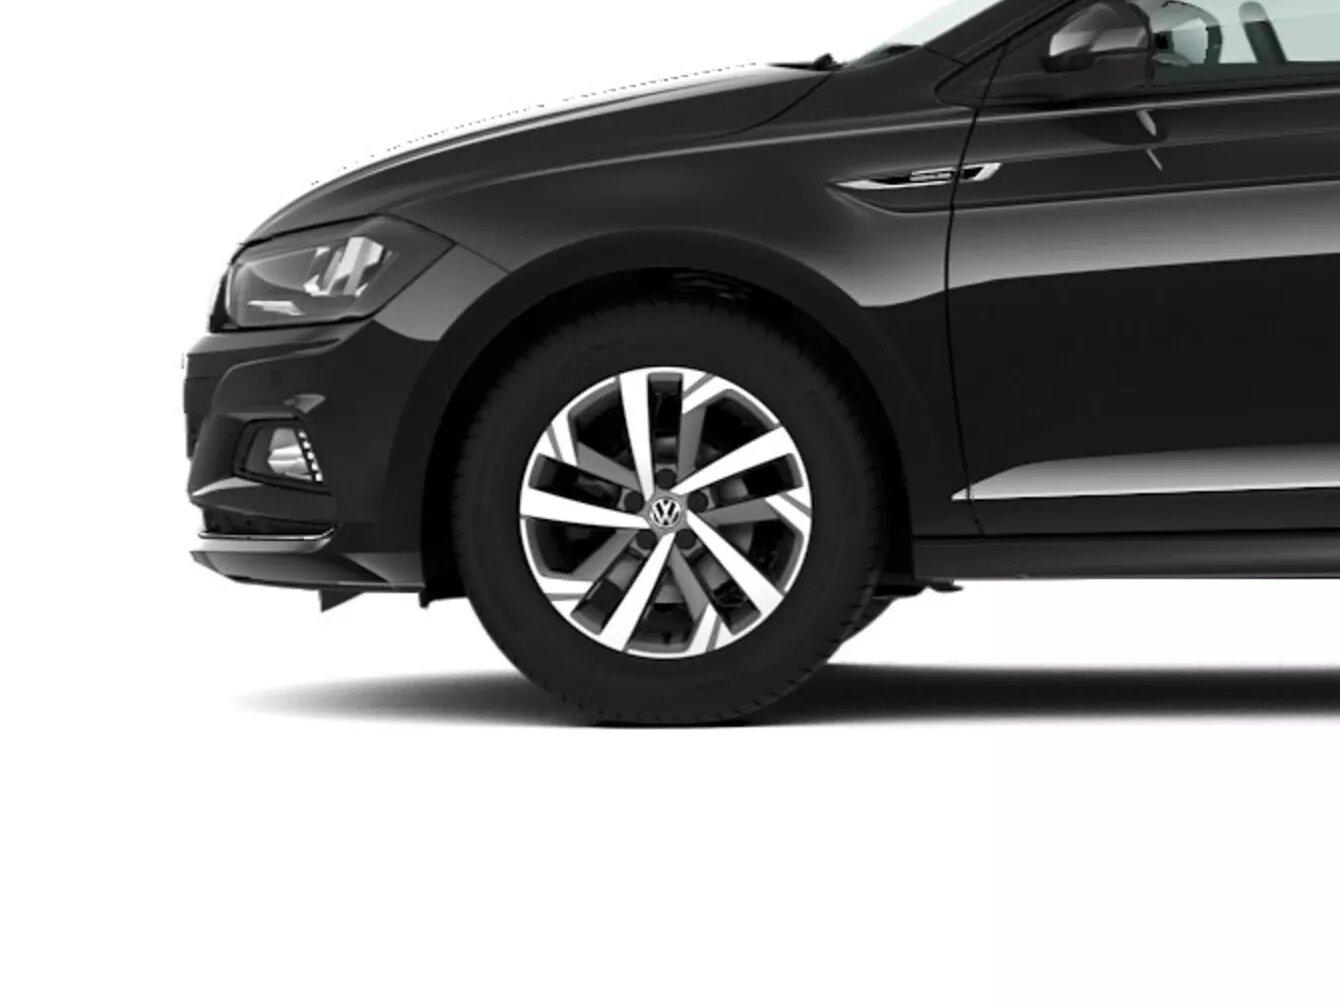 Llantas | Nuevo Virtus GTS | Andina Volkswagen